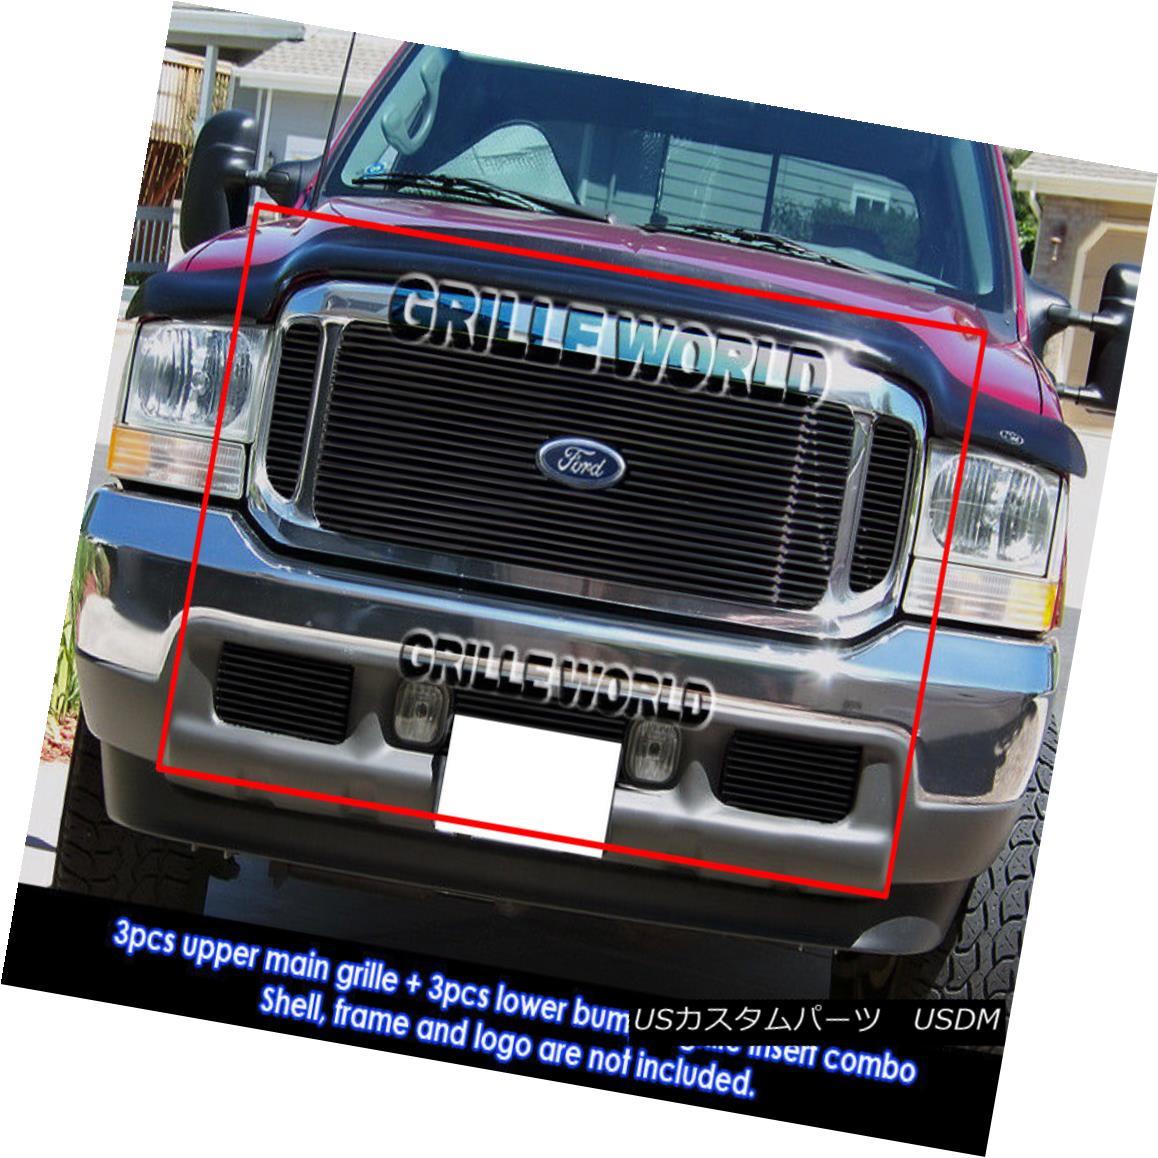 グリル 99-04 Ford Excursion/F250/F350 Super Duty Black Billet Grille Grill Combo Insert 99-04フォードエクスカーション/ F250 / F350スーパーデューティブラックビレットグリルグリルコンボインサート